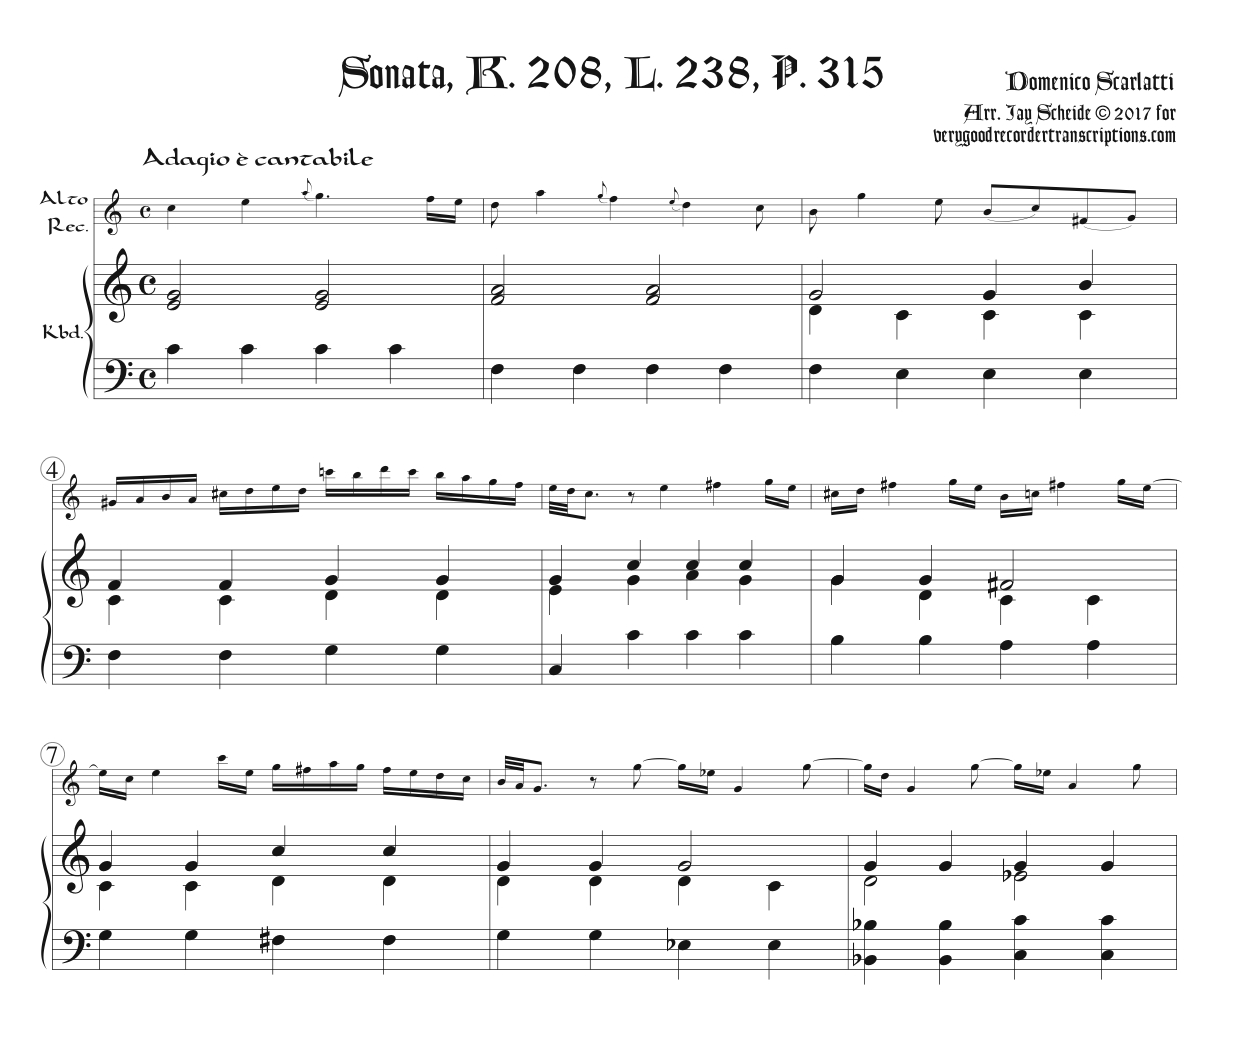 Sonata K. 208, L. 238, P. 315